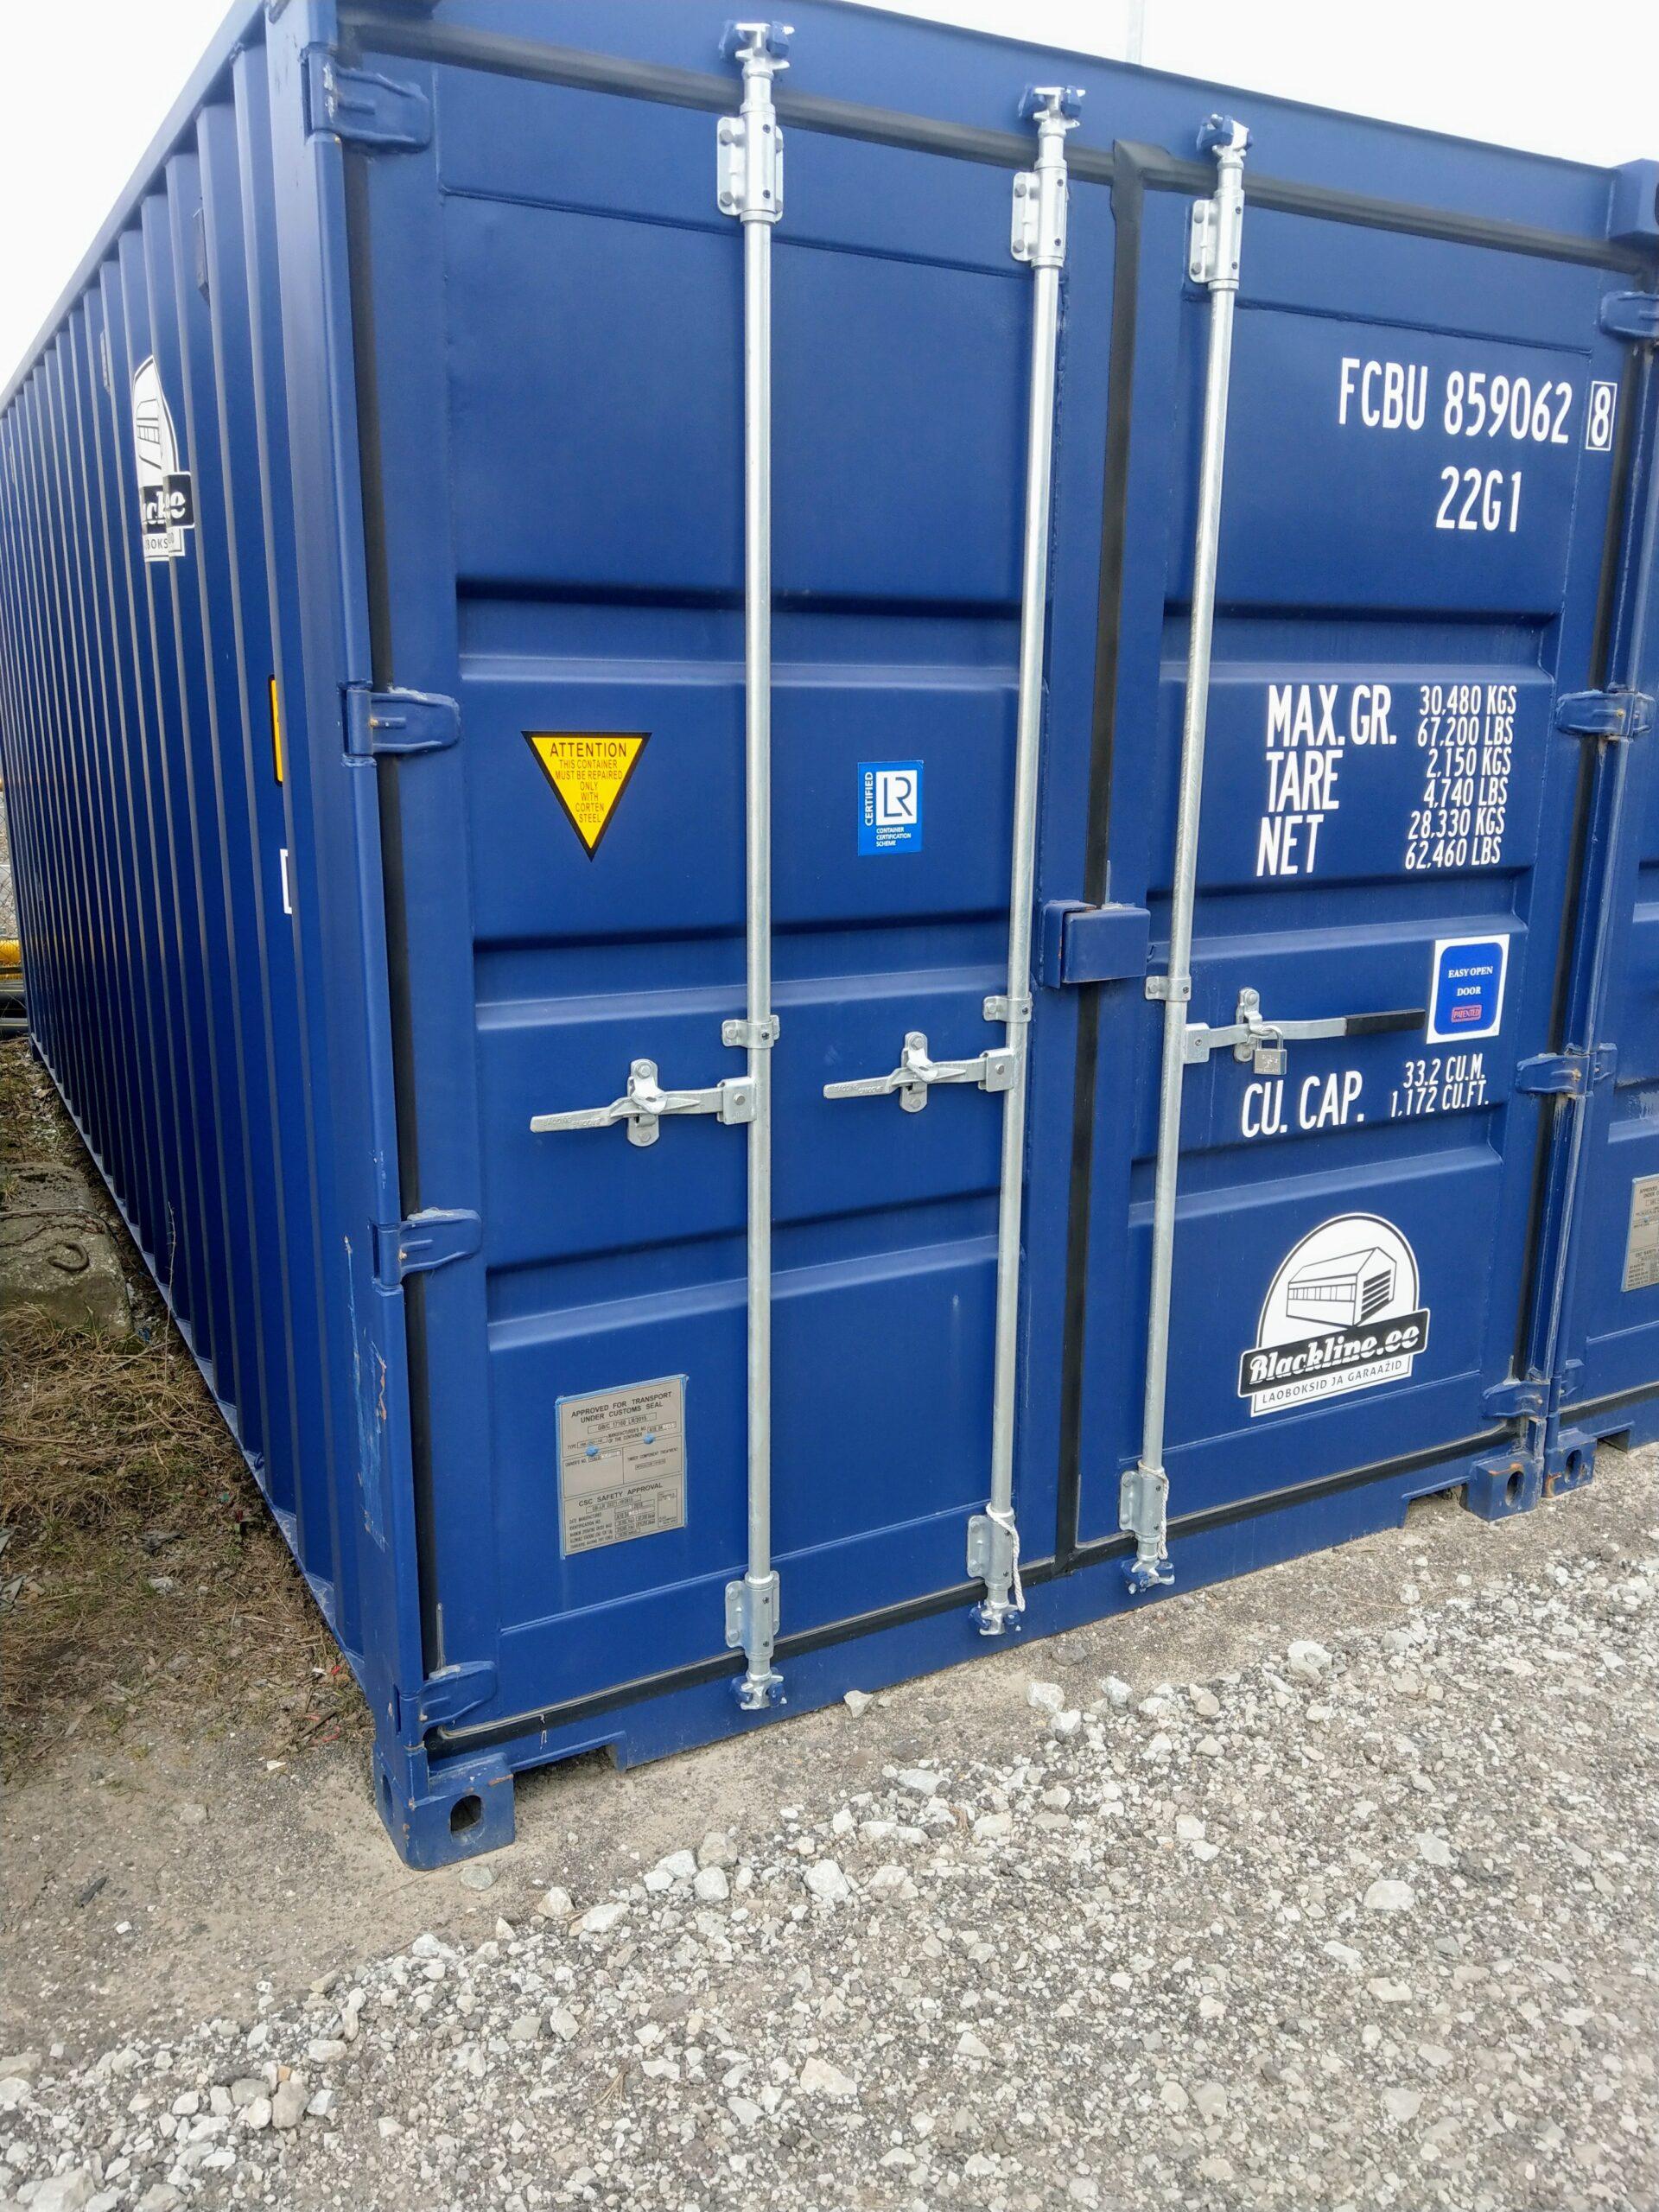 Uus konteinerladu NR 4 – FCBU8590628